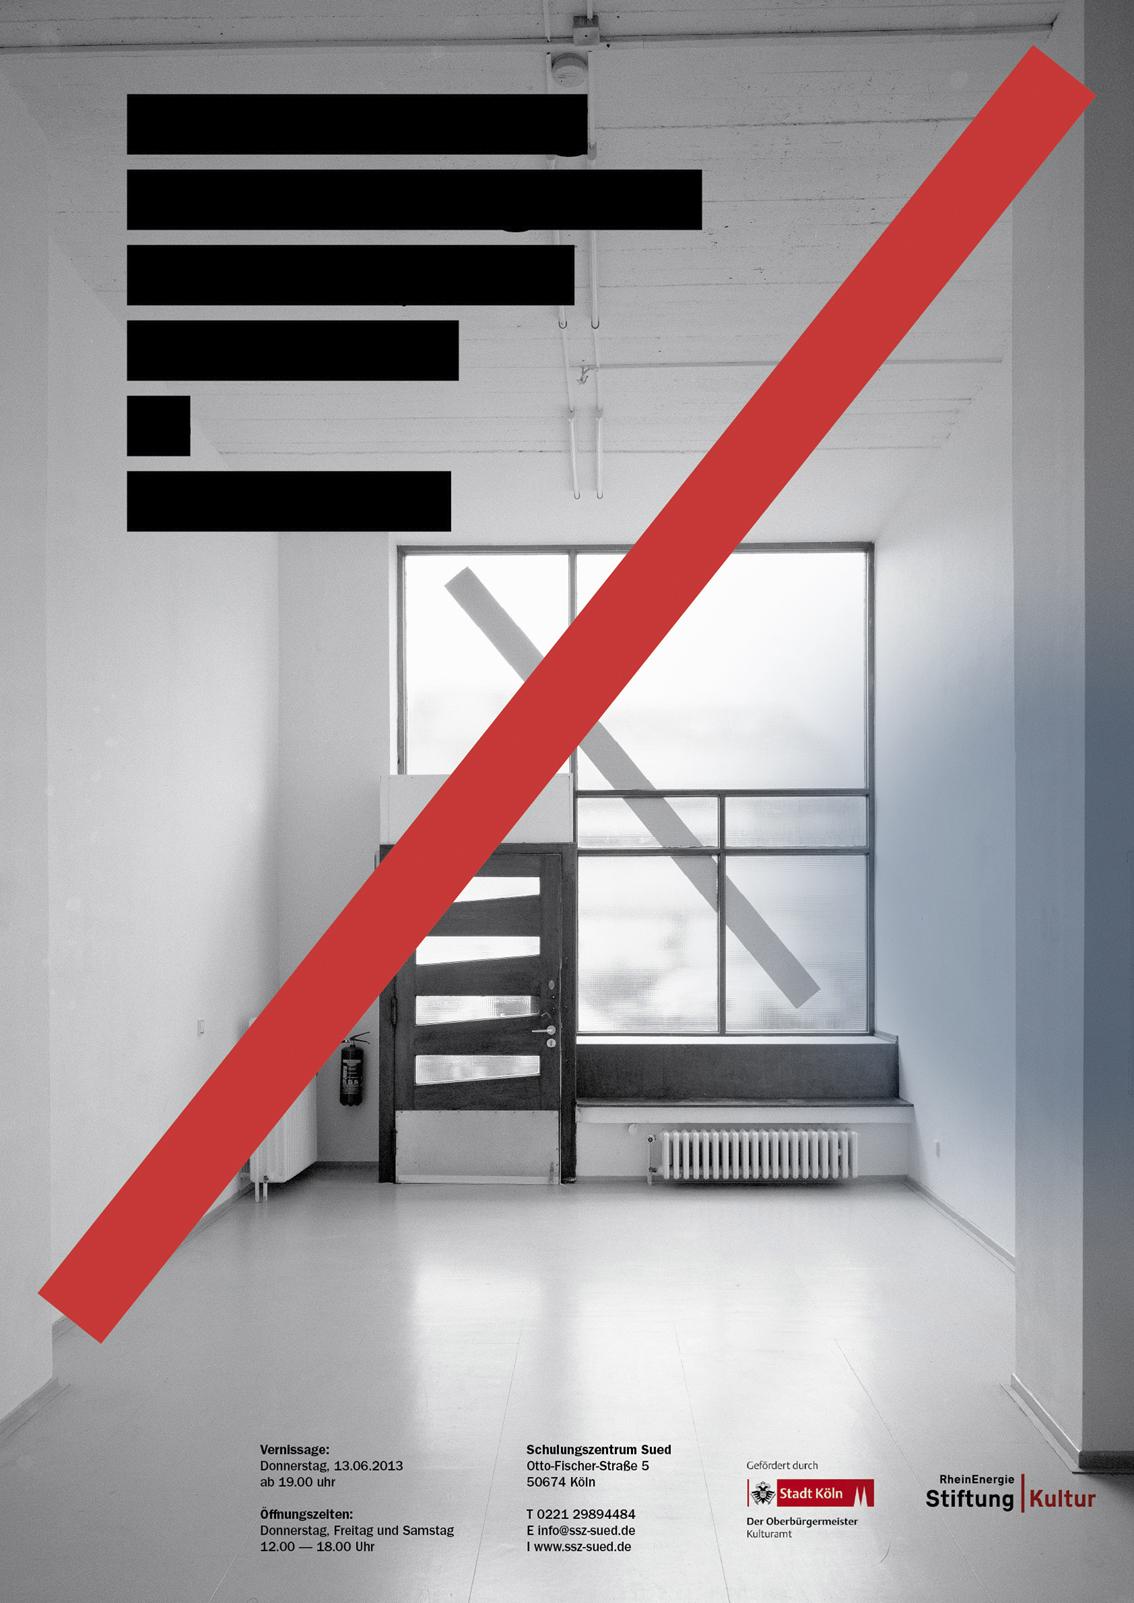 SSZ SUED Poster Rheinverlag